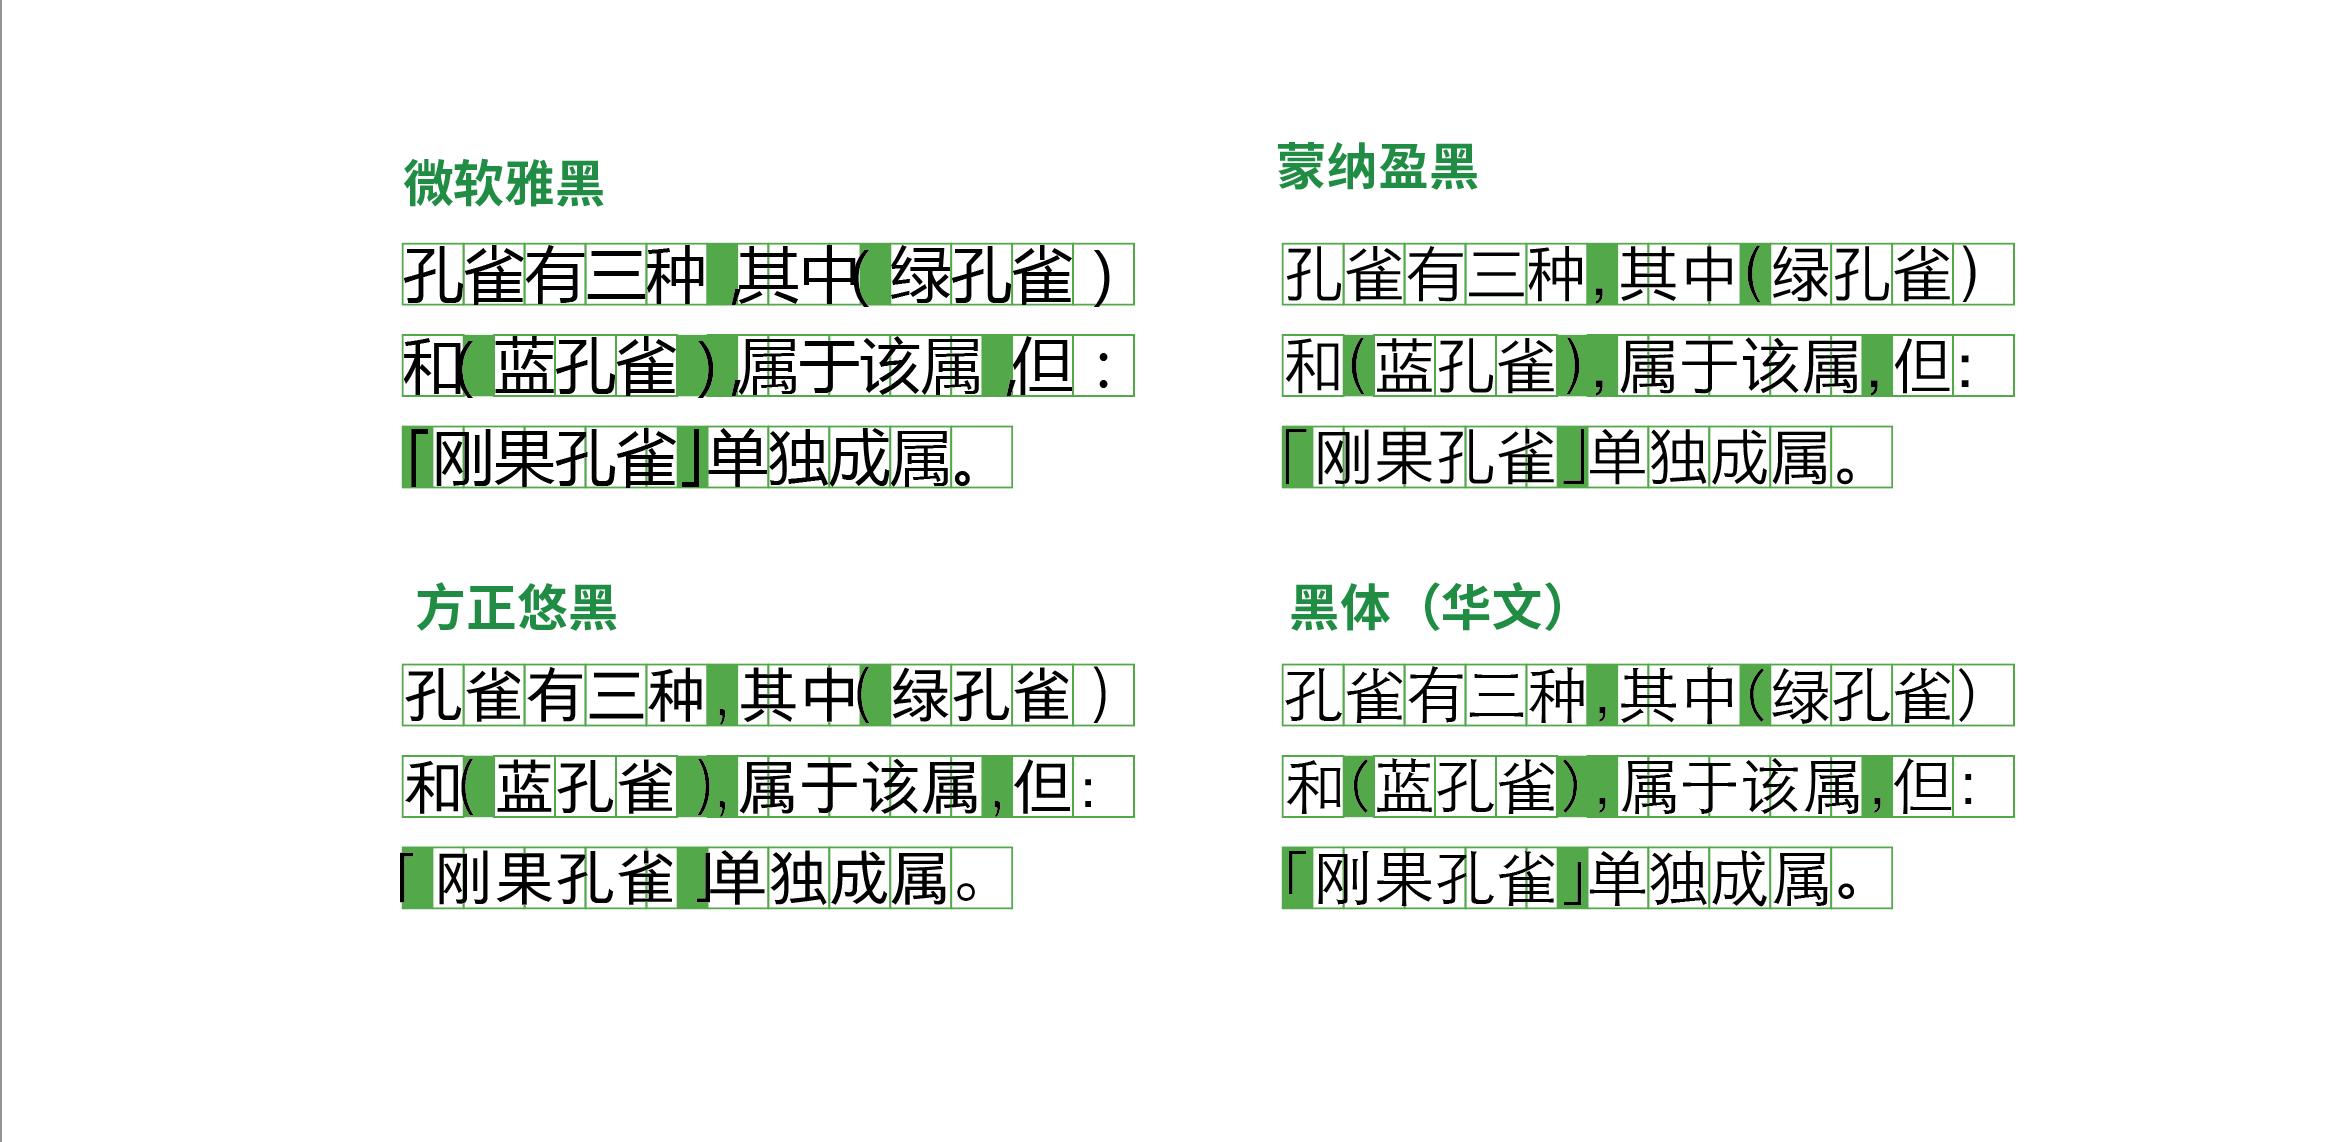 biaodianweizhi2